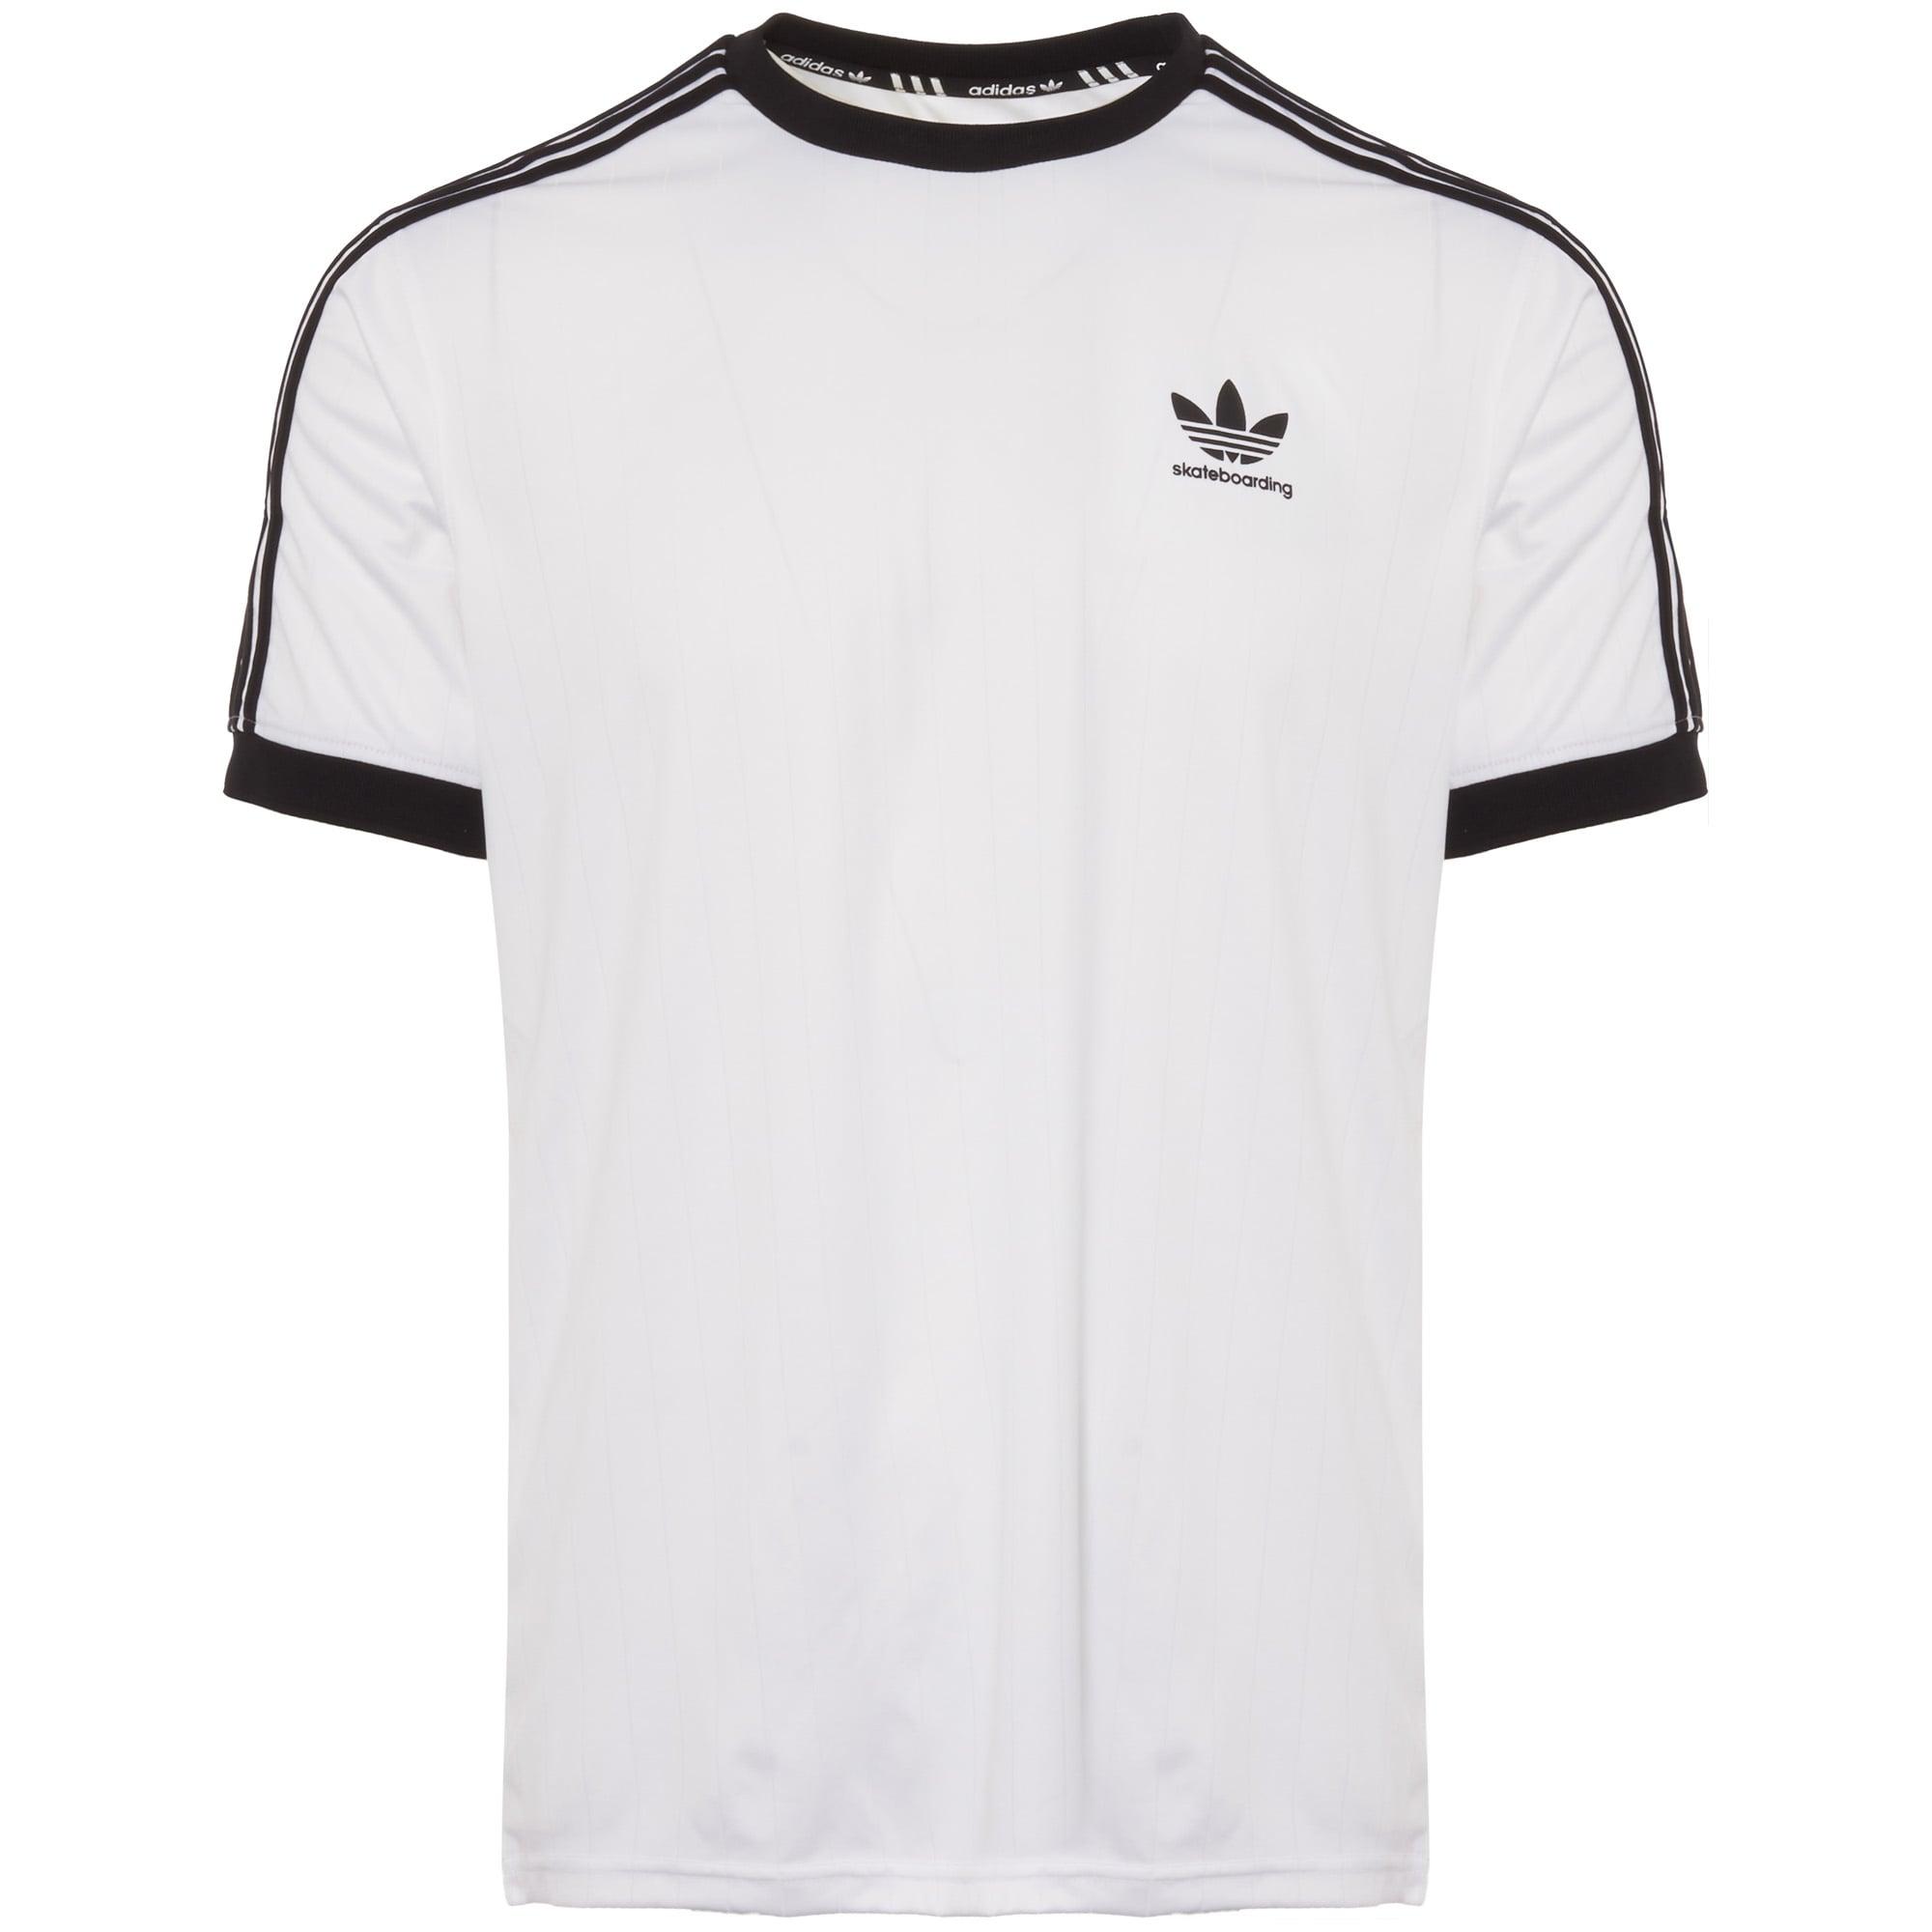 Adidas Originals Black & White Clima Club Jersey